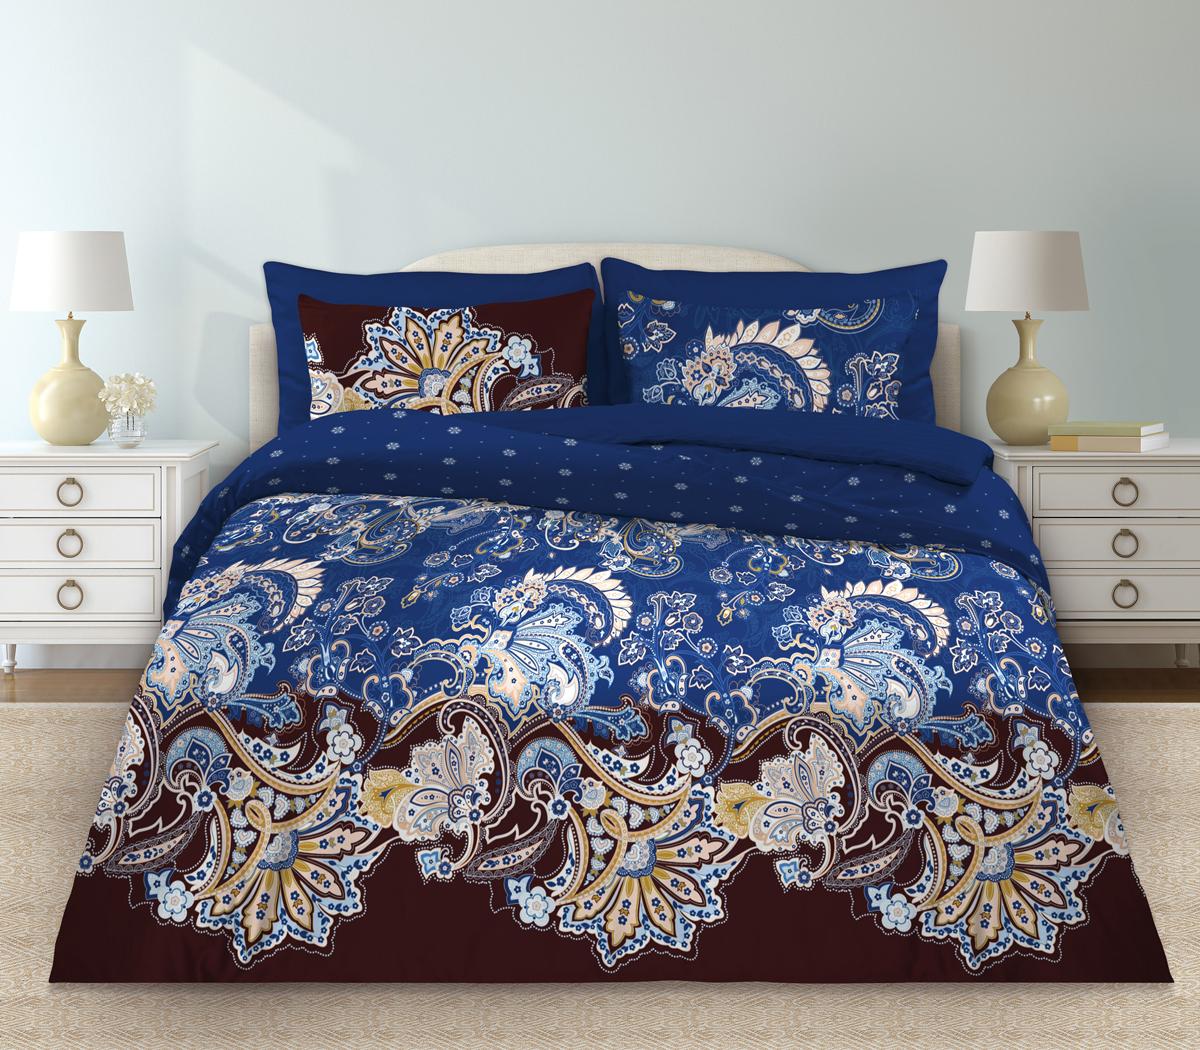 Комплект белья Любимый дом Болеро, евро, наволочки 70 х 70, цвет: синий. 331154331154Комплект постельного белья коллекции «Любимый дом» - выполнен из высококачественной ткани из 100% хлопка. Такое белье абсолютно натуральное, гипоаллергенное, соответствует строжайшим экологическим нормам безопасности, комфортное, дышащее, не нарушает естественные процессы терморегуляции, прочное, не линяет, не деформируется и не теряет своих красок даже после многочисленных стирок, а также отличается хорошей износостойкостью.